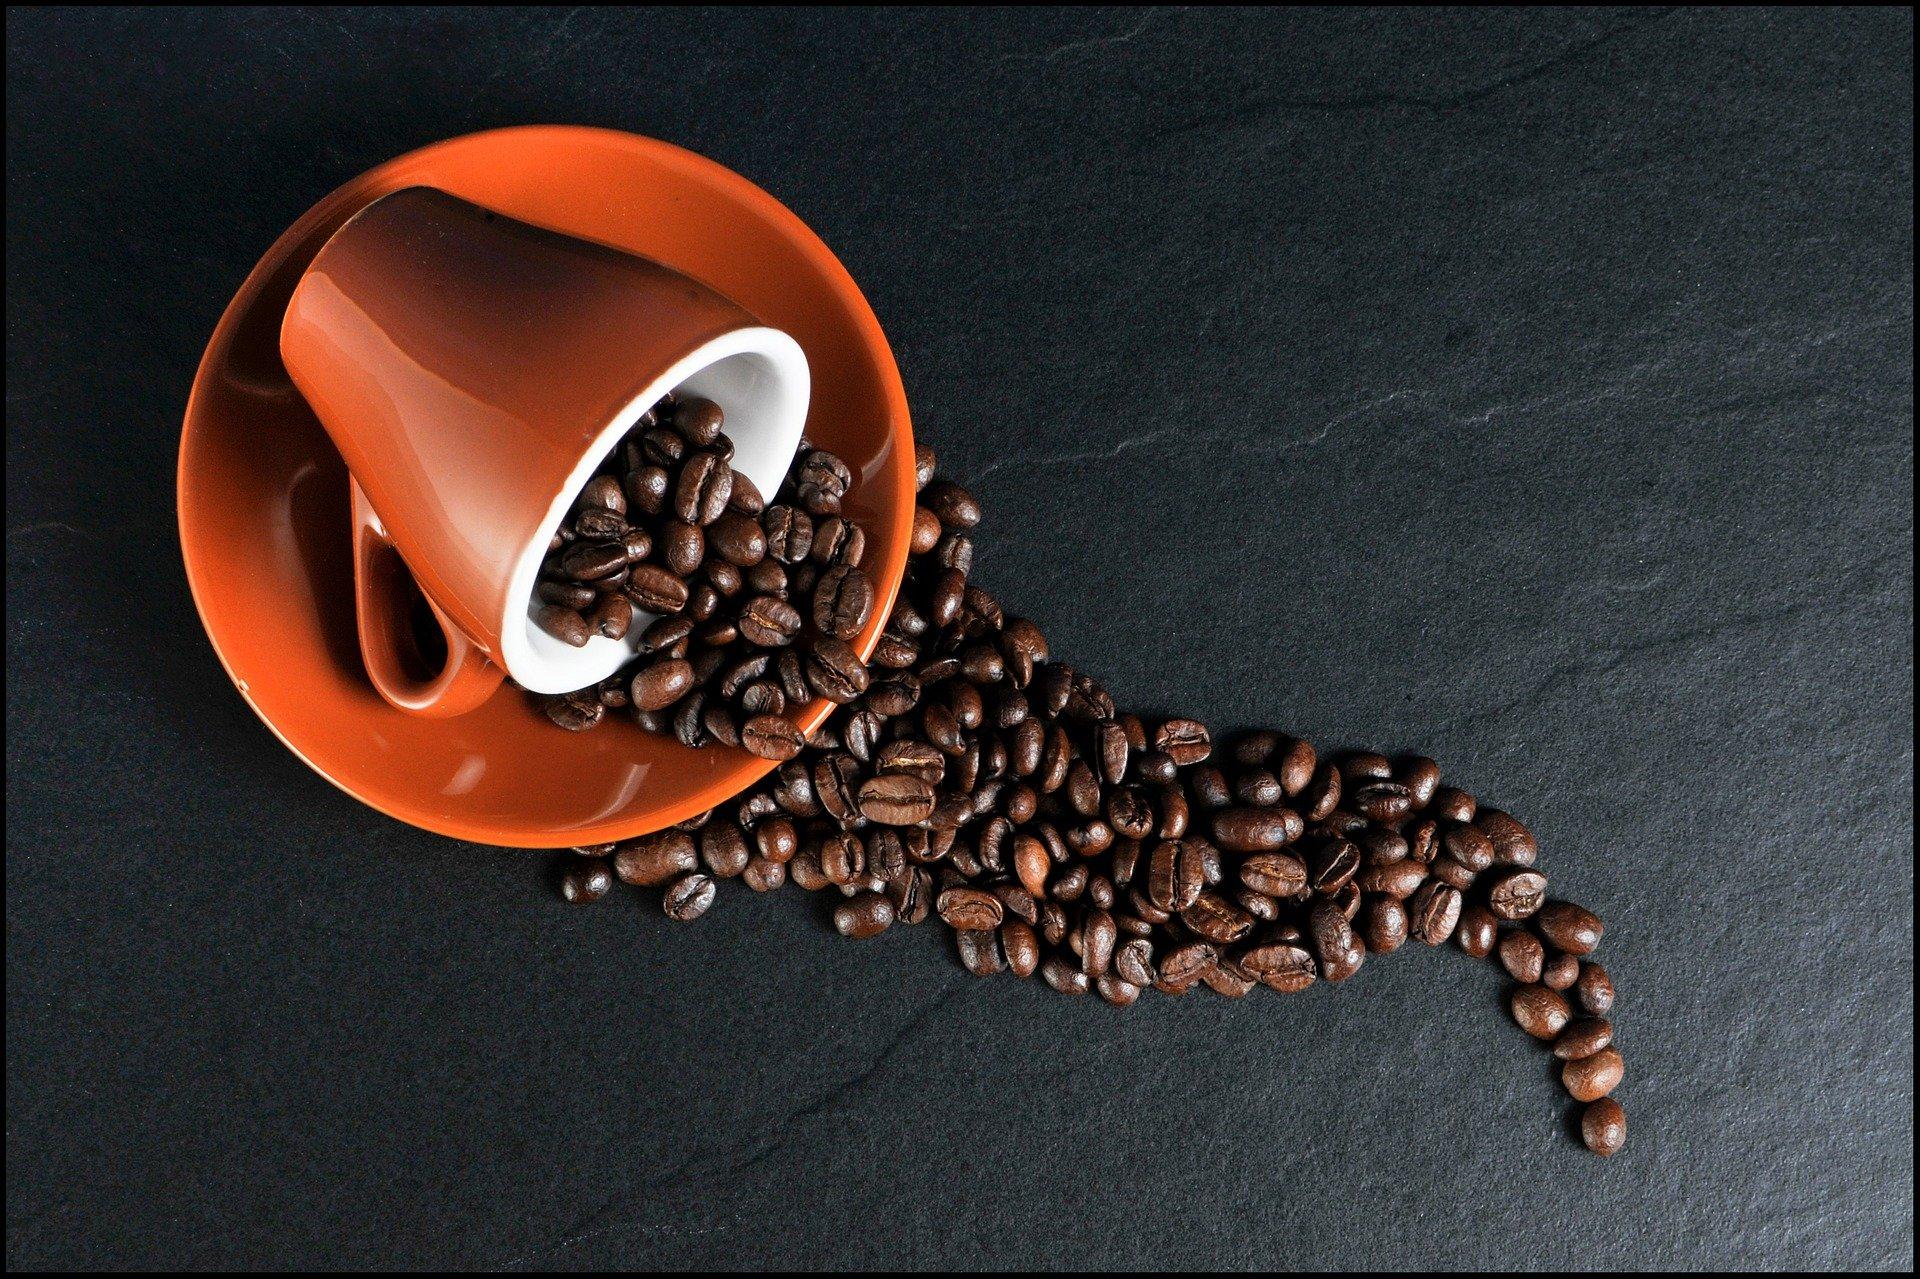 Szenvedélyes kávérajongó? Összemehet az agya